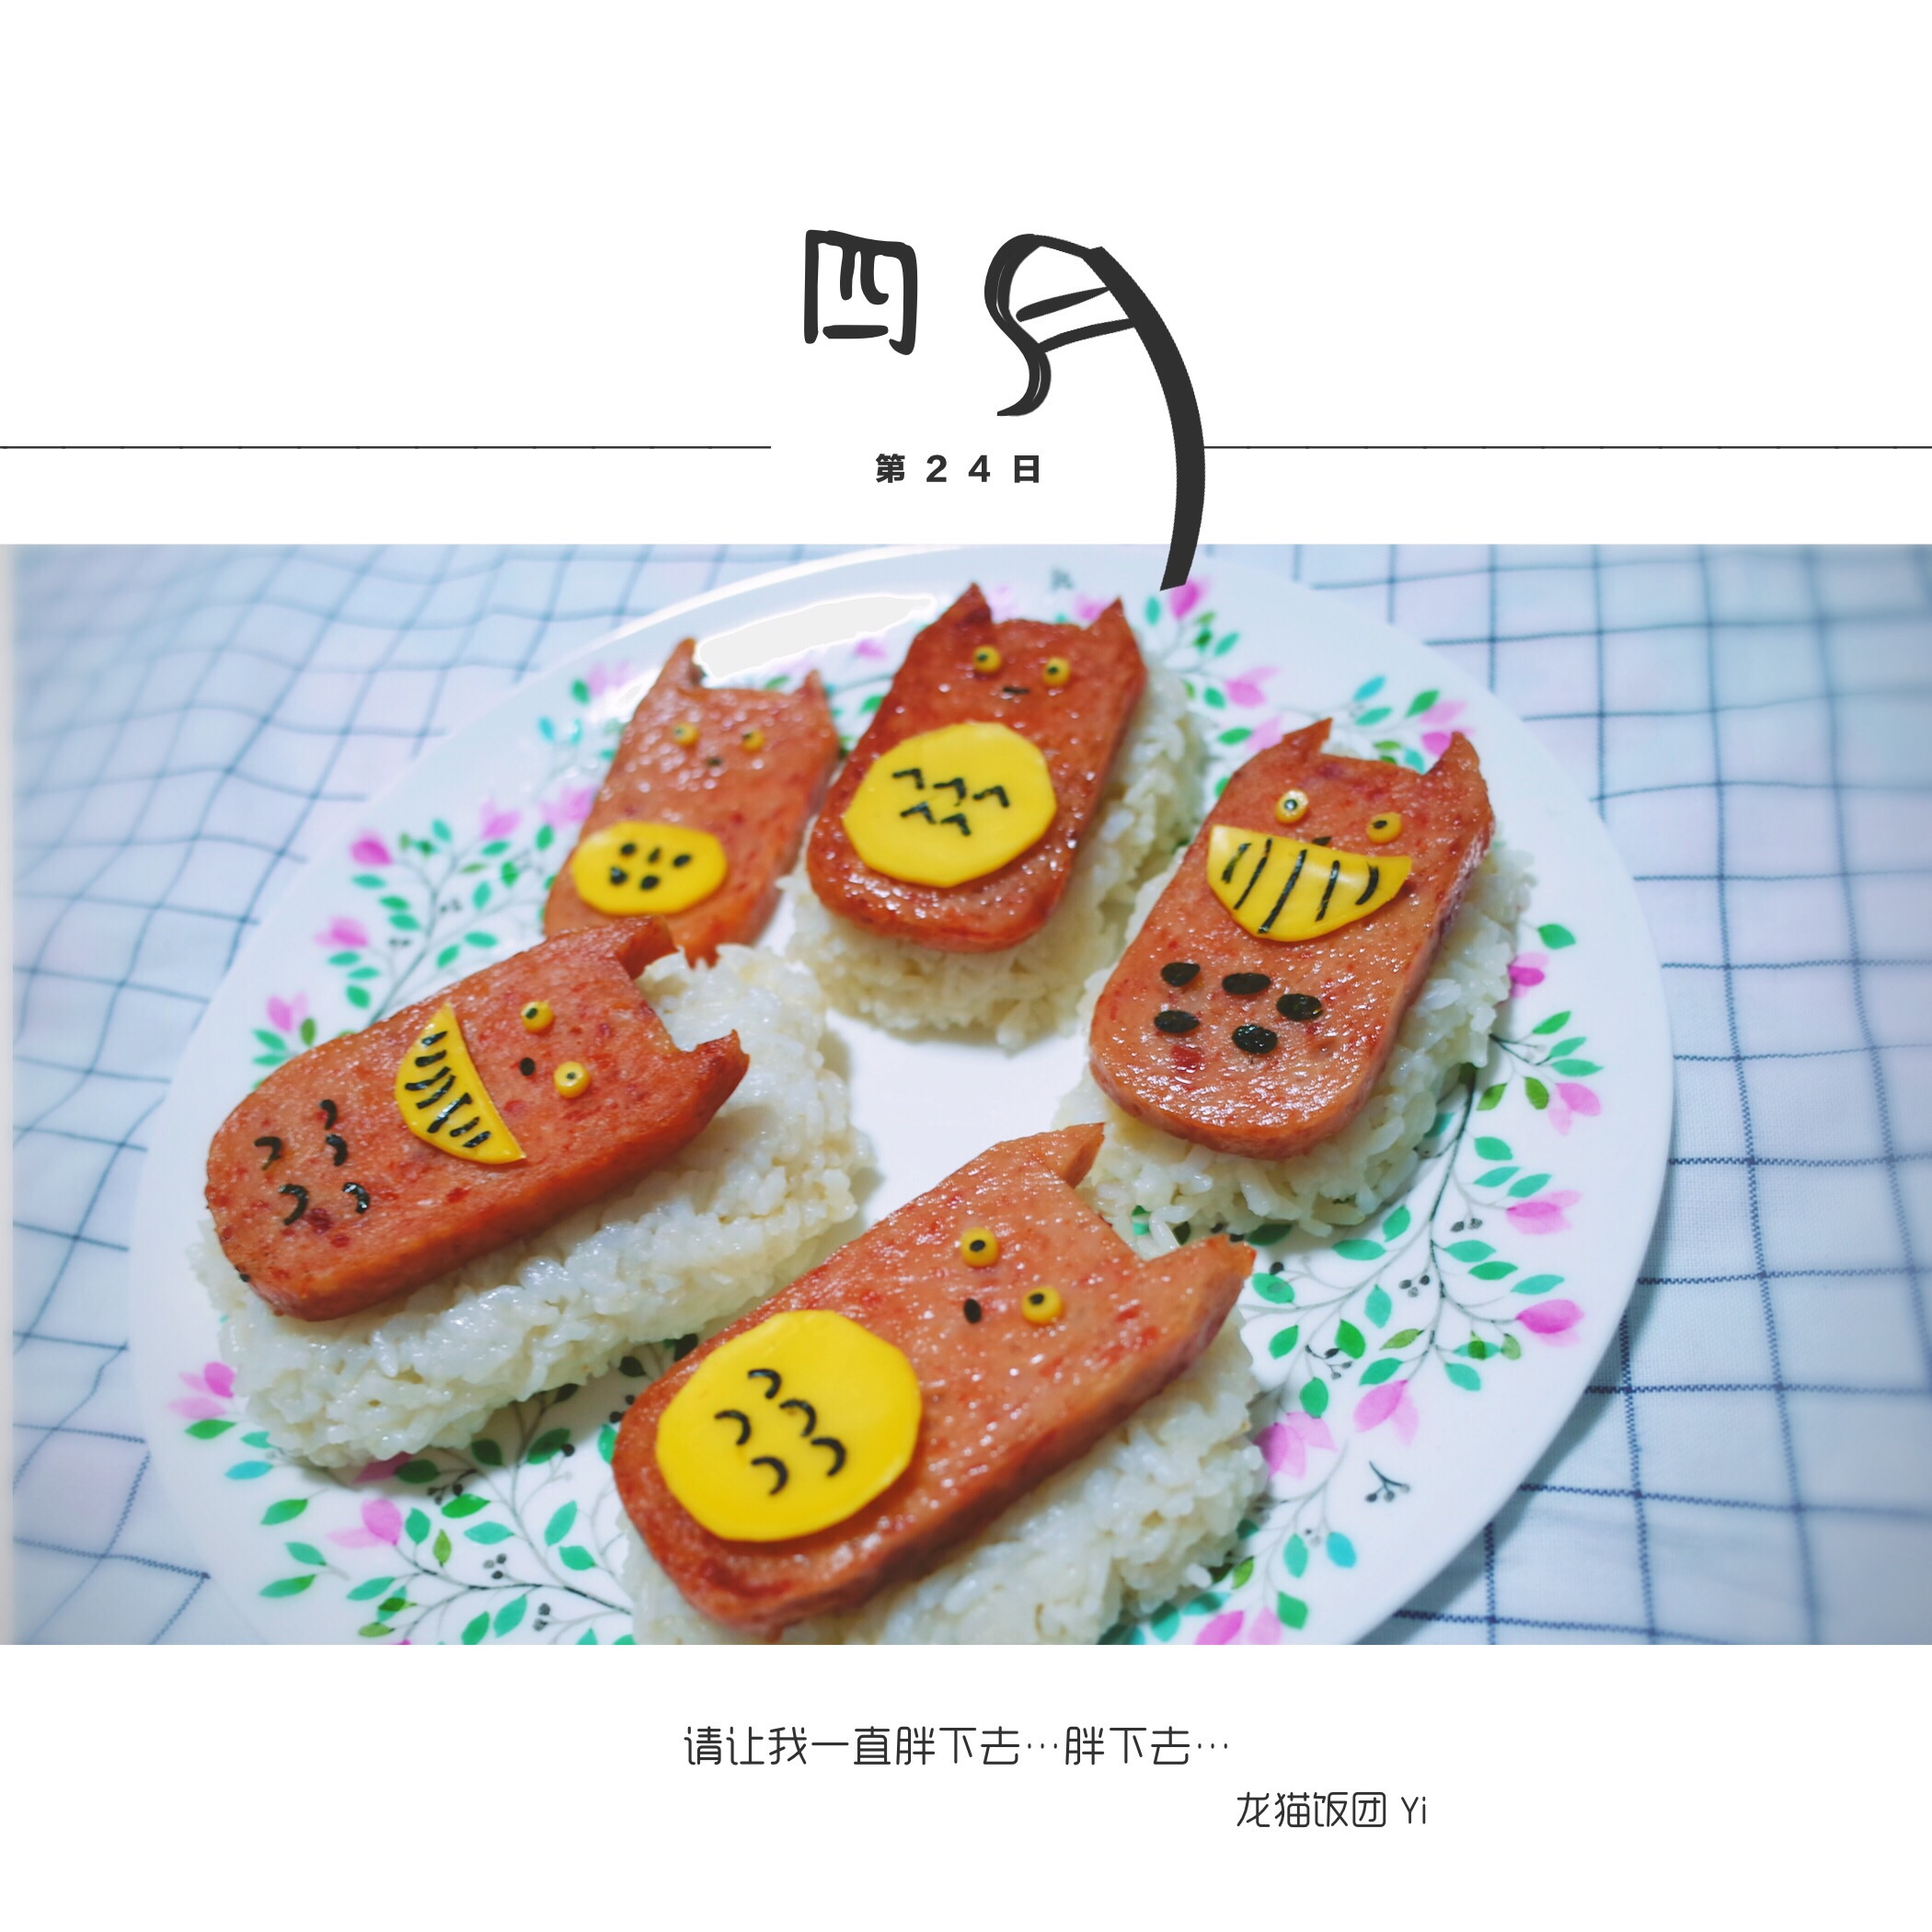 手机壁纸可爱饭团